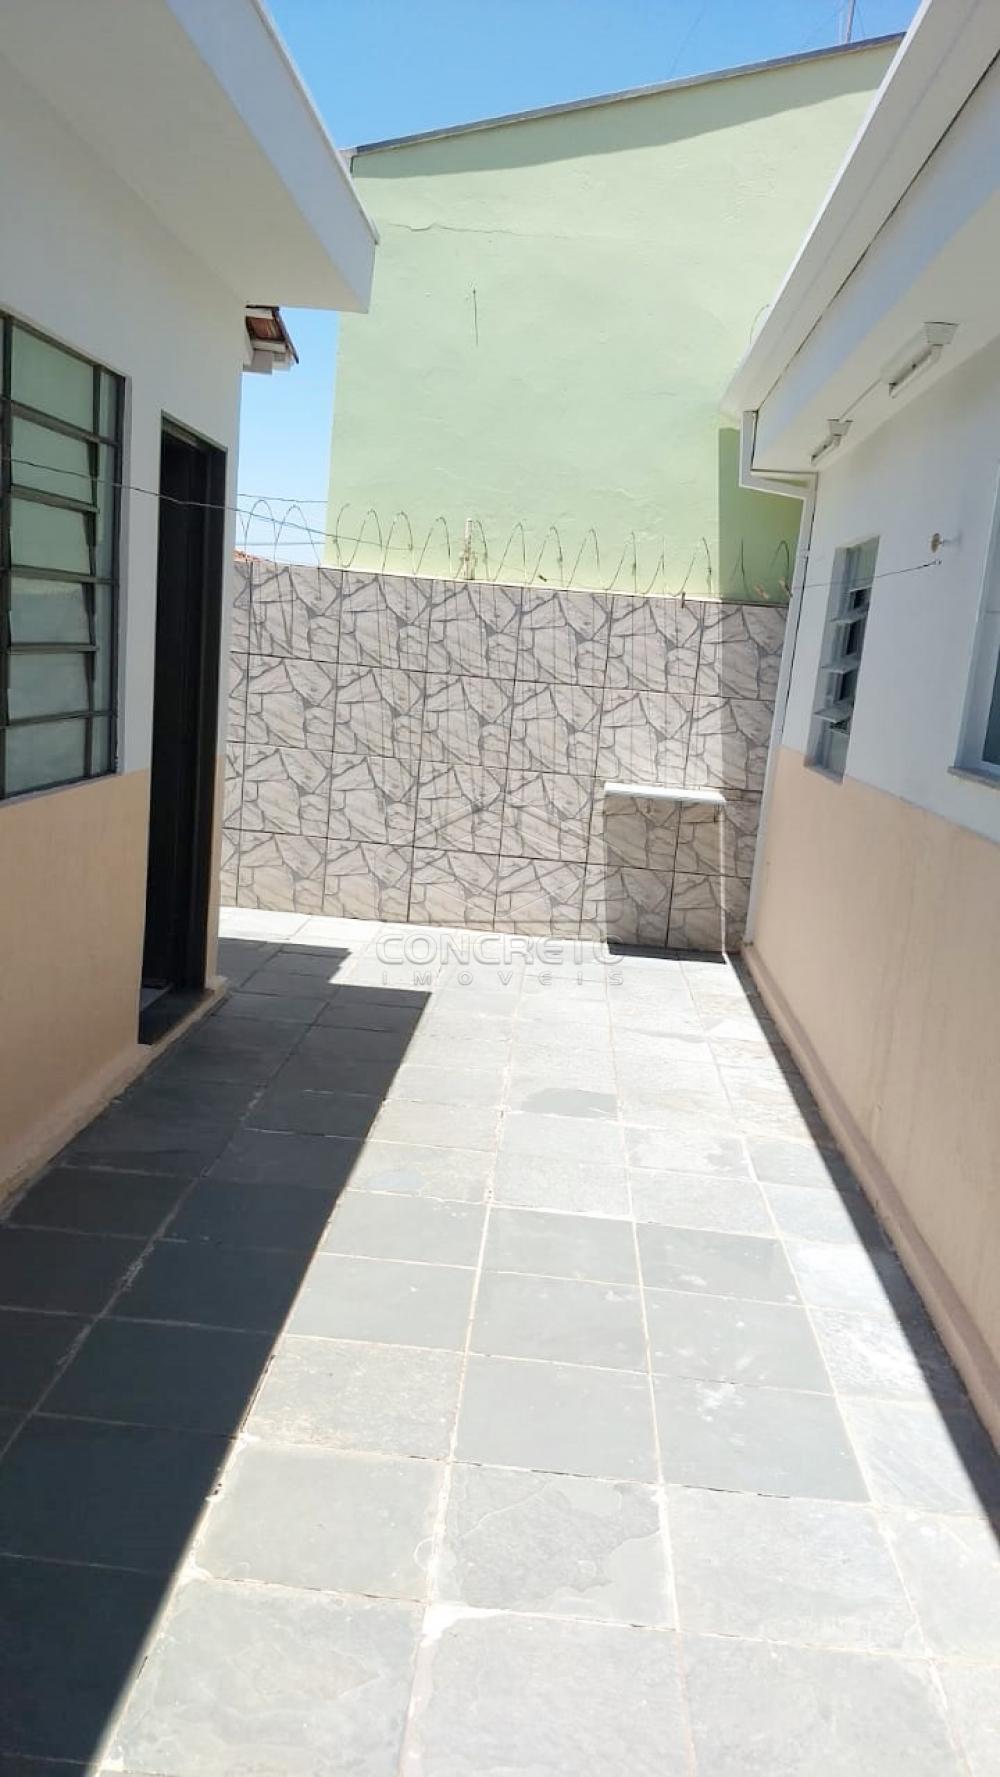 Comprar Casa / Residencia em Jaú apenas R$ 305.000,00 - Foto 22